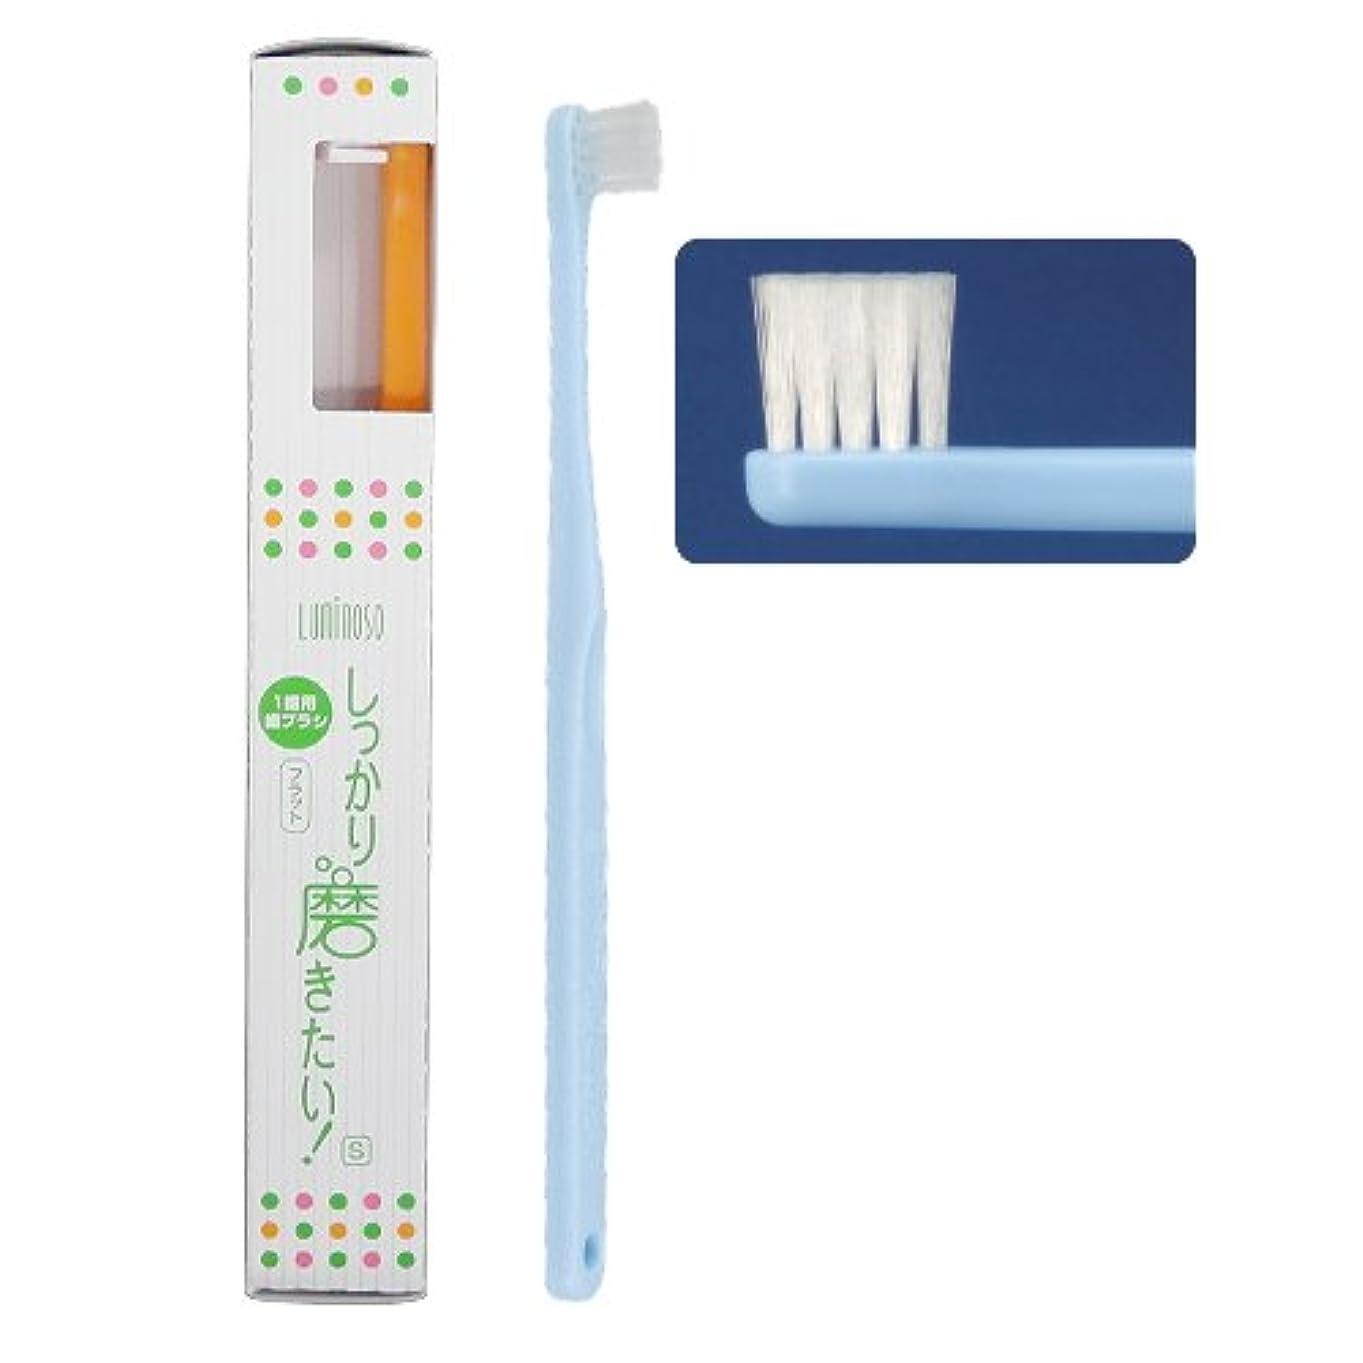 忌まわしいロードハウス重要性ルミノソ 1歯用歯ブラシ 「しっかり磨きたい!」 フラット/ソフト